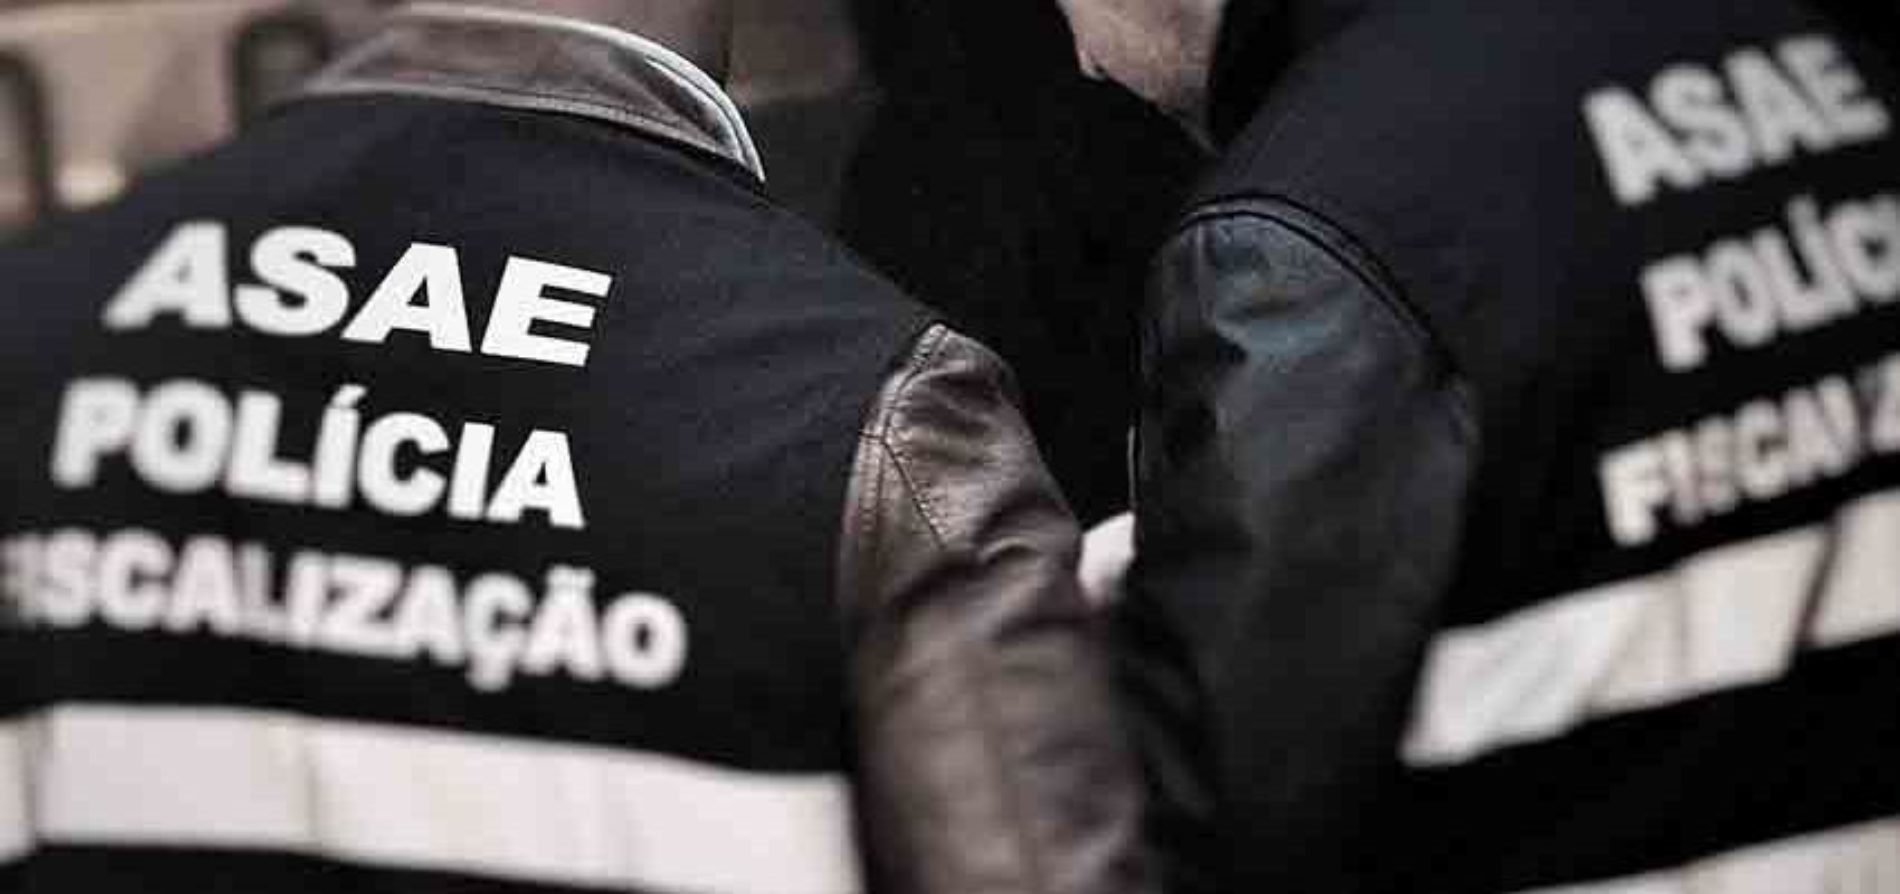 OperaçãoBlack Friday: ASAE instaura 57 processos de contraordenação